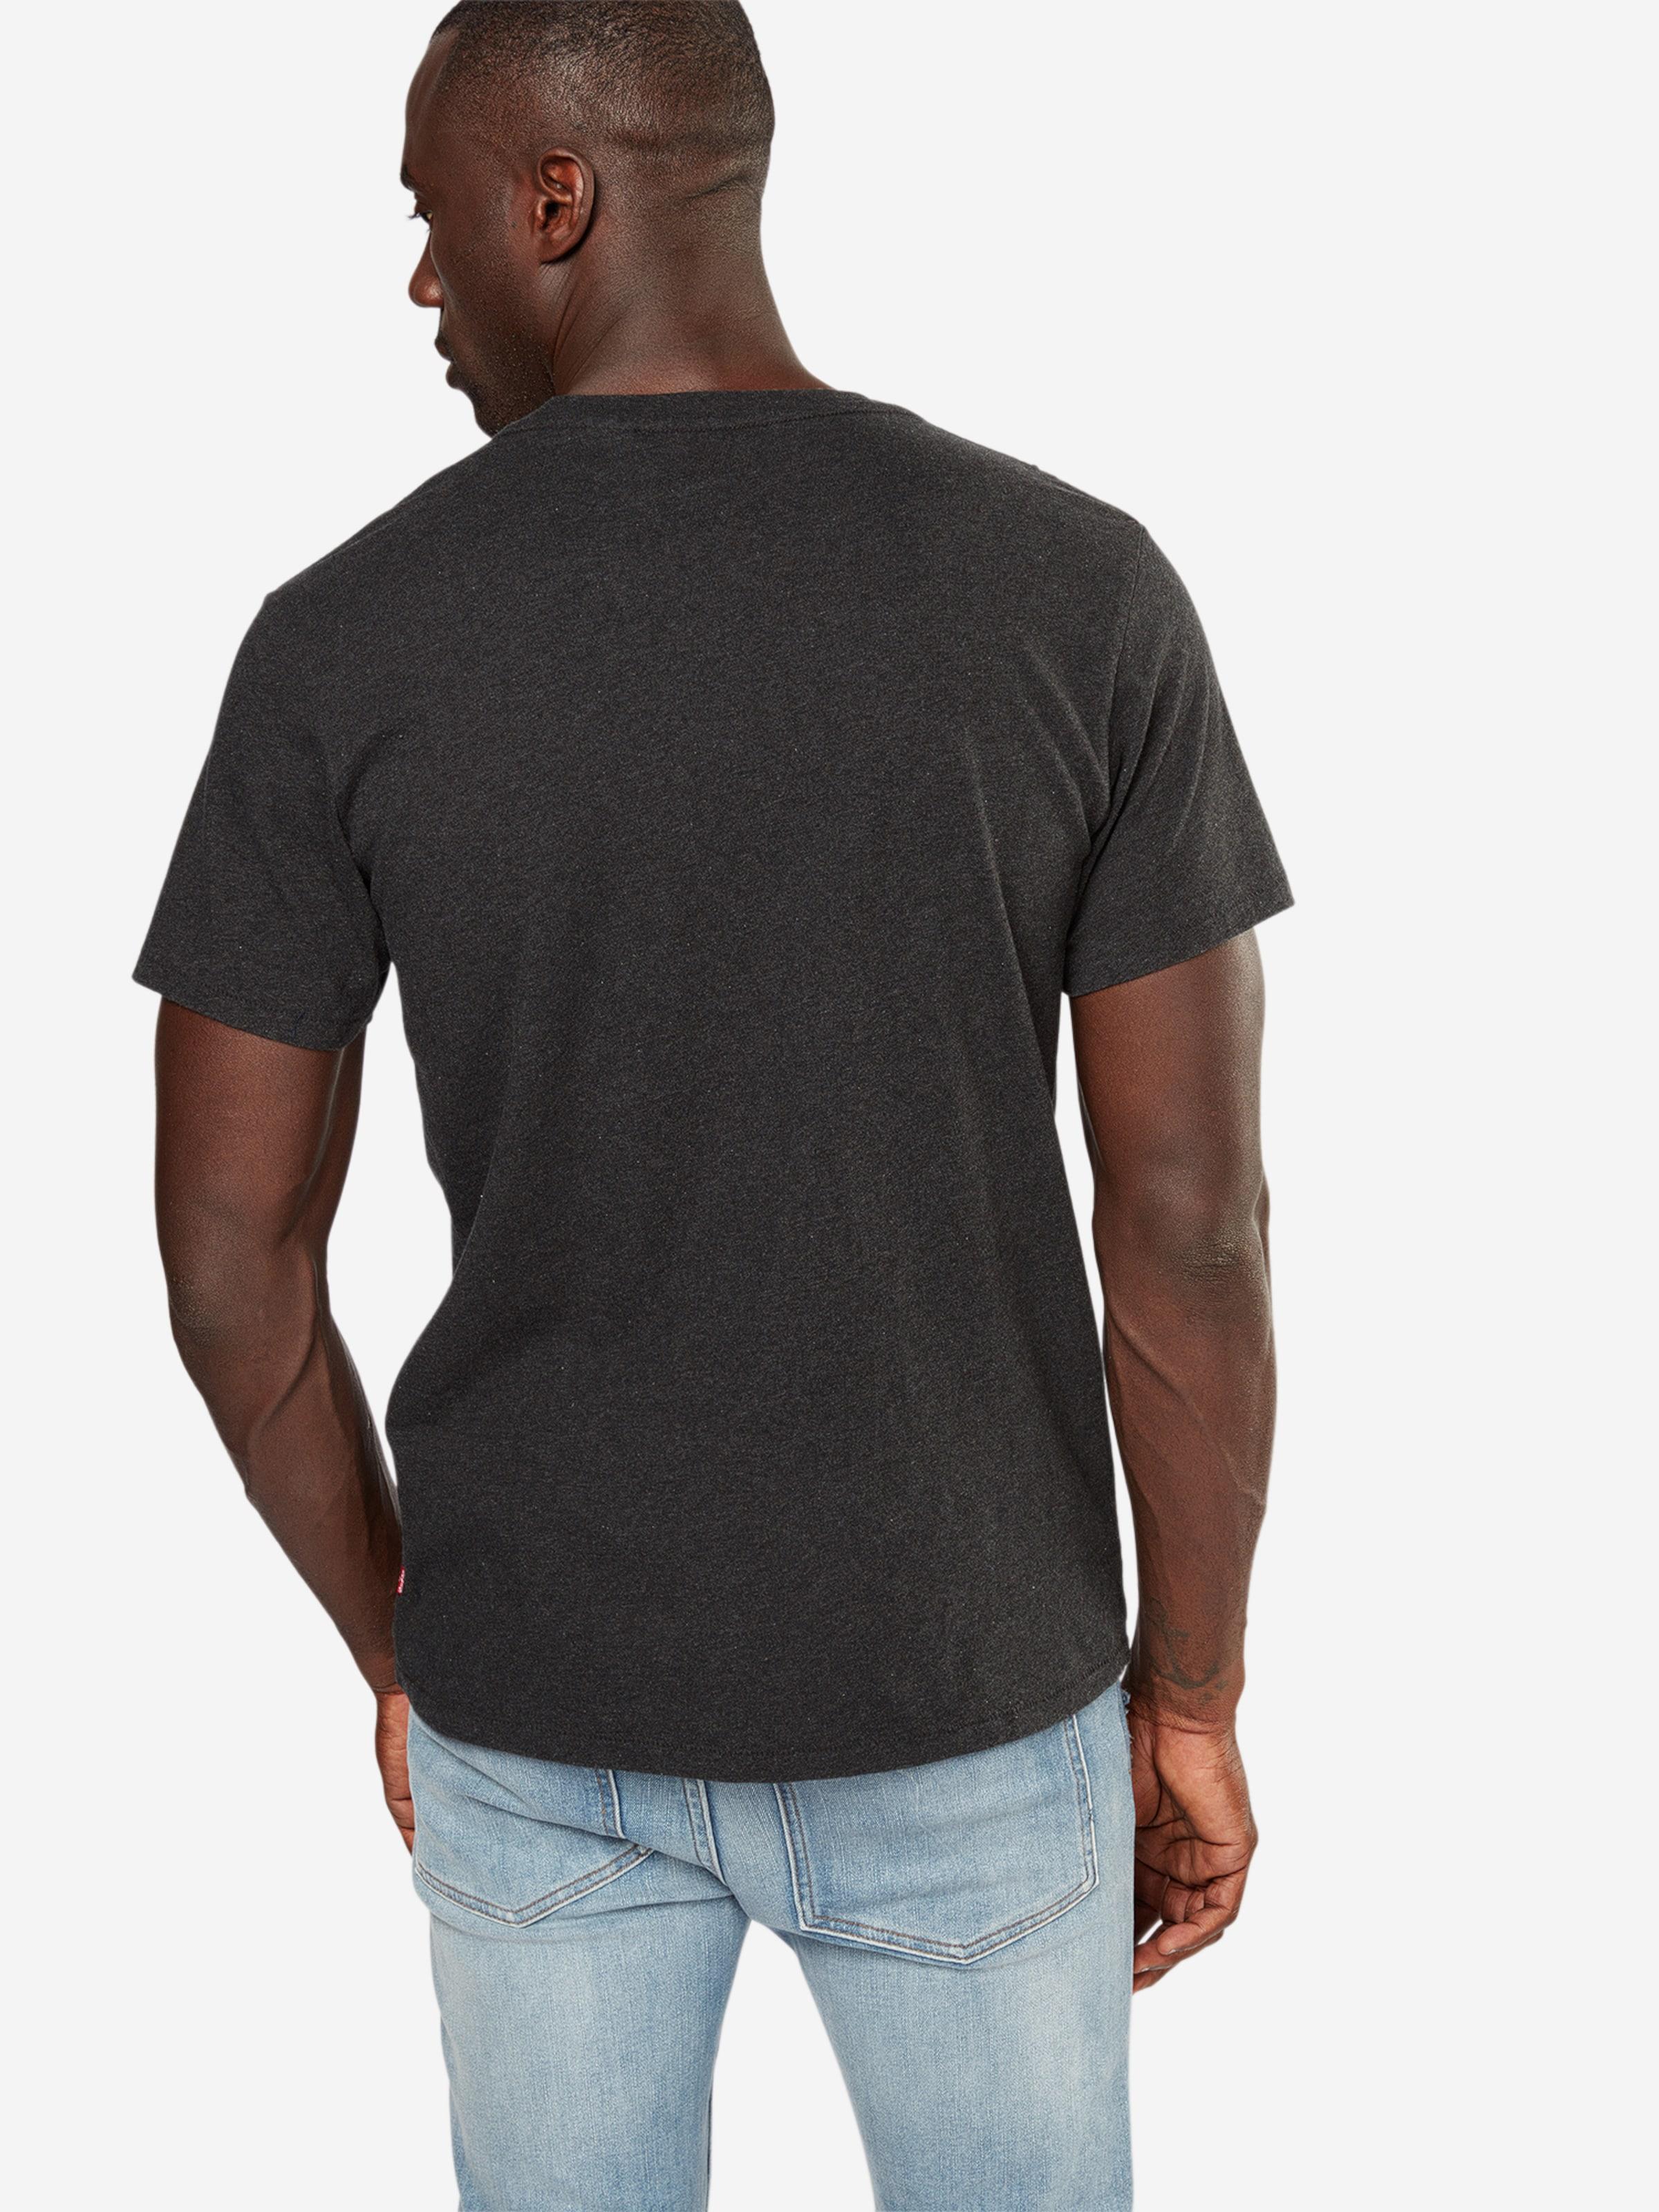 Auslass Großhandelspreis LEVI'S T-shirt 'HOUSEMARK GRAPHIC TEE' Spielraum-Websites Shop-Angebot Günstiger Preis Billig Verkaufen Mode Günstig Kaufen Neuesten Kollektionen qH2D3m1